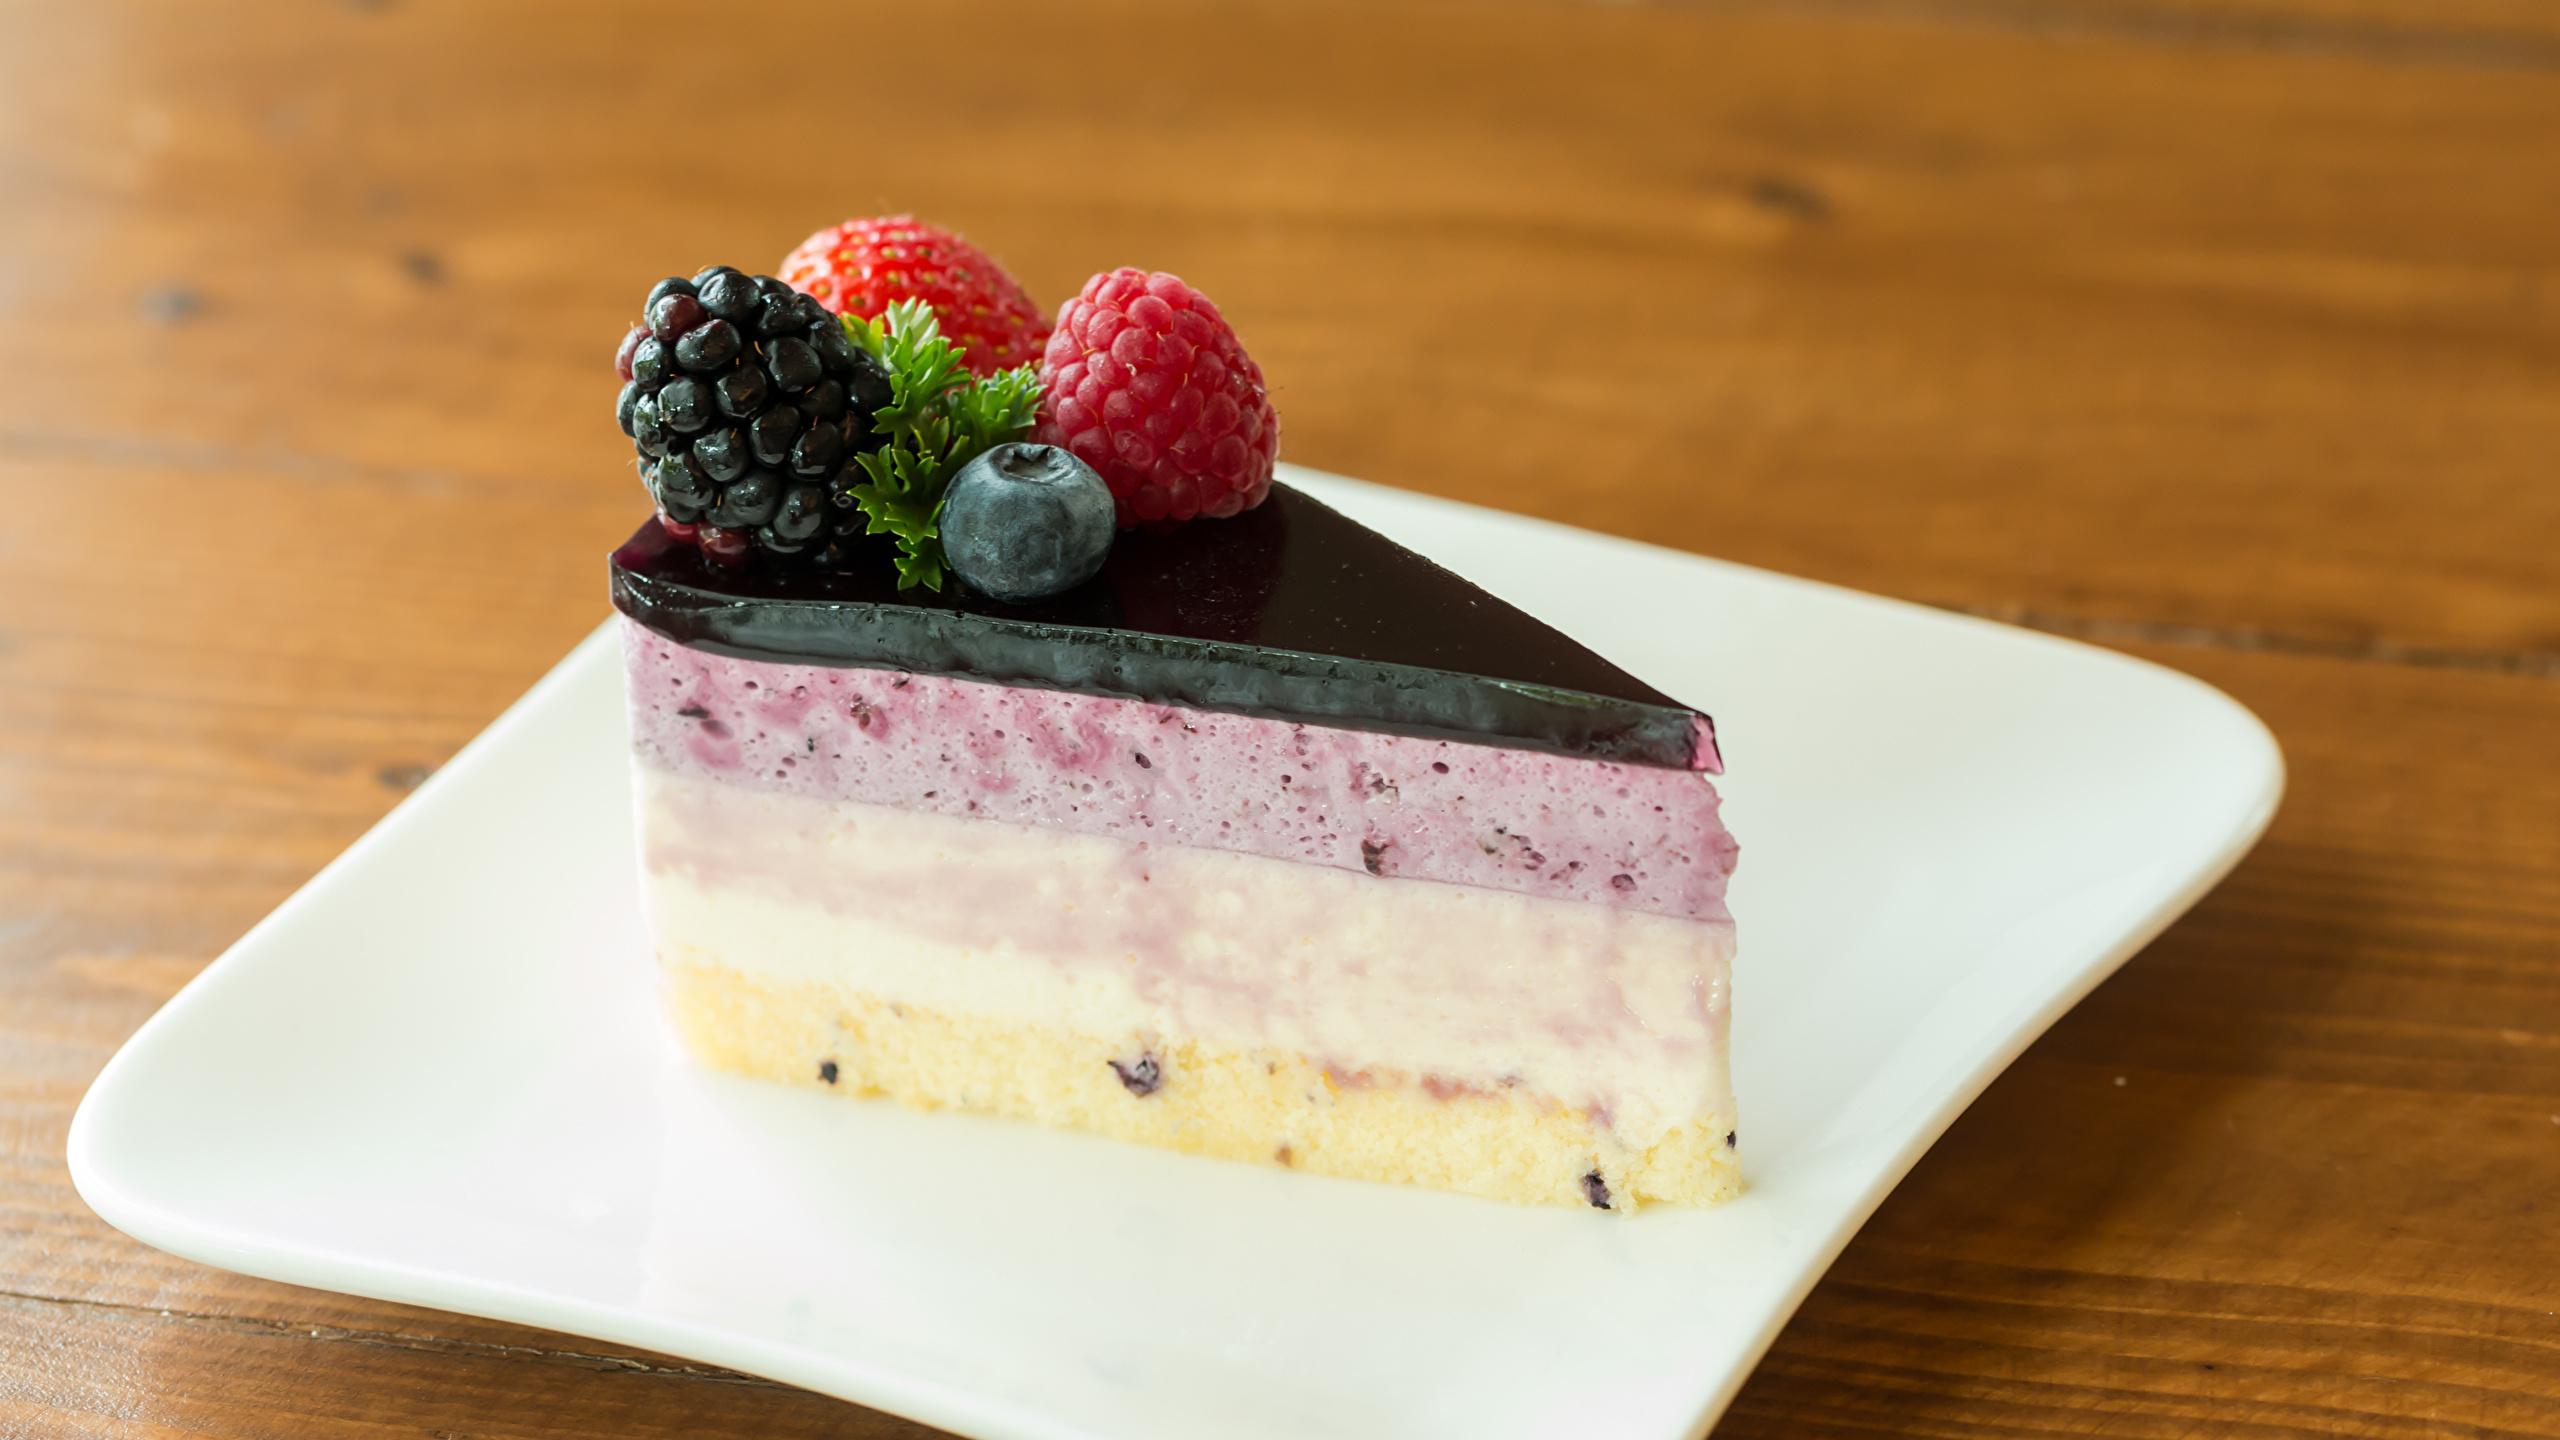 Фотографии Торты Кусок Десерт Еда Ягоды Тарелка 2560x1440 часть кусочки кусочек Пища тарелке Продукты питания